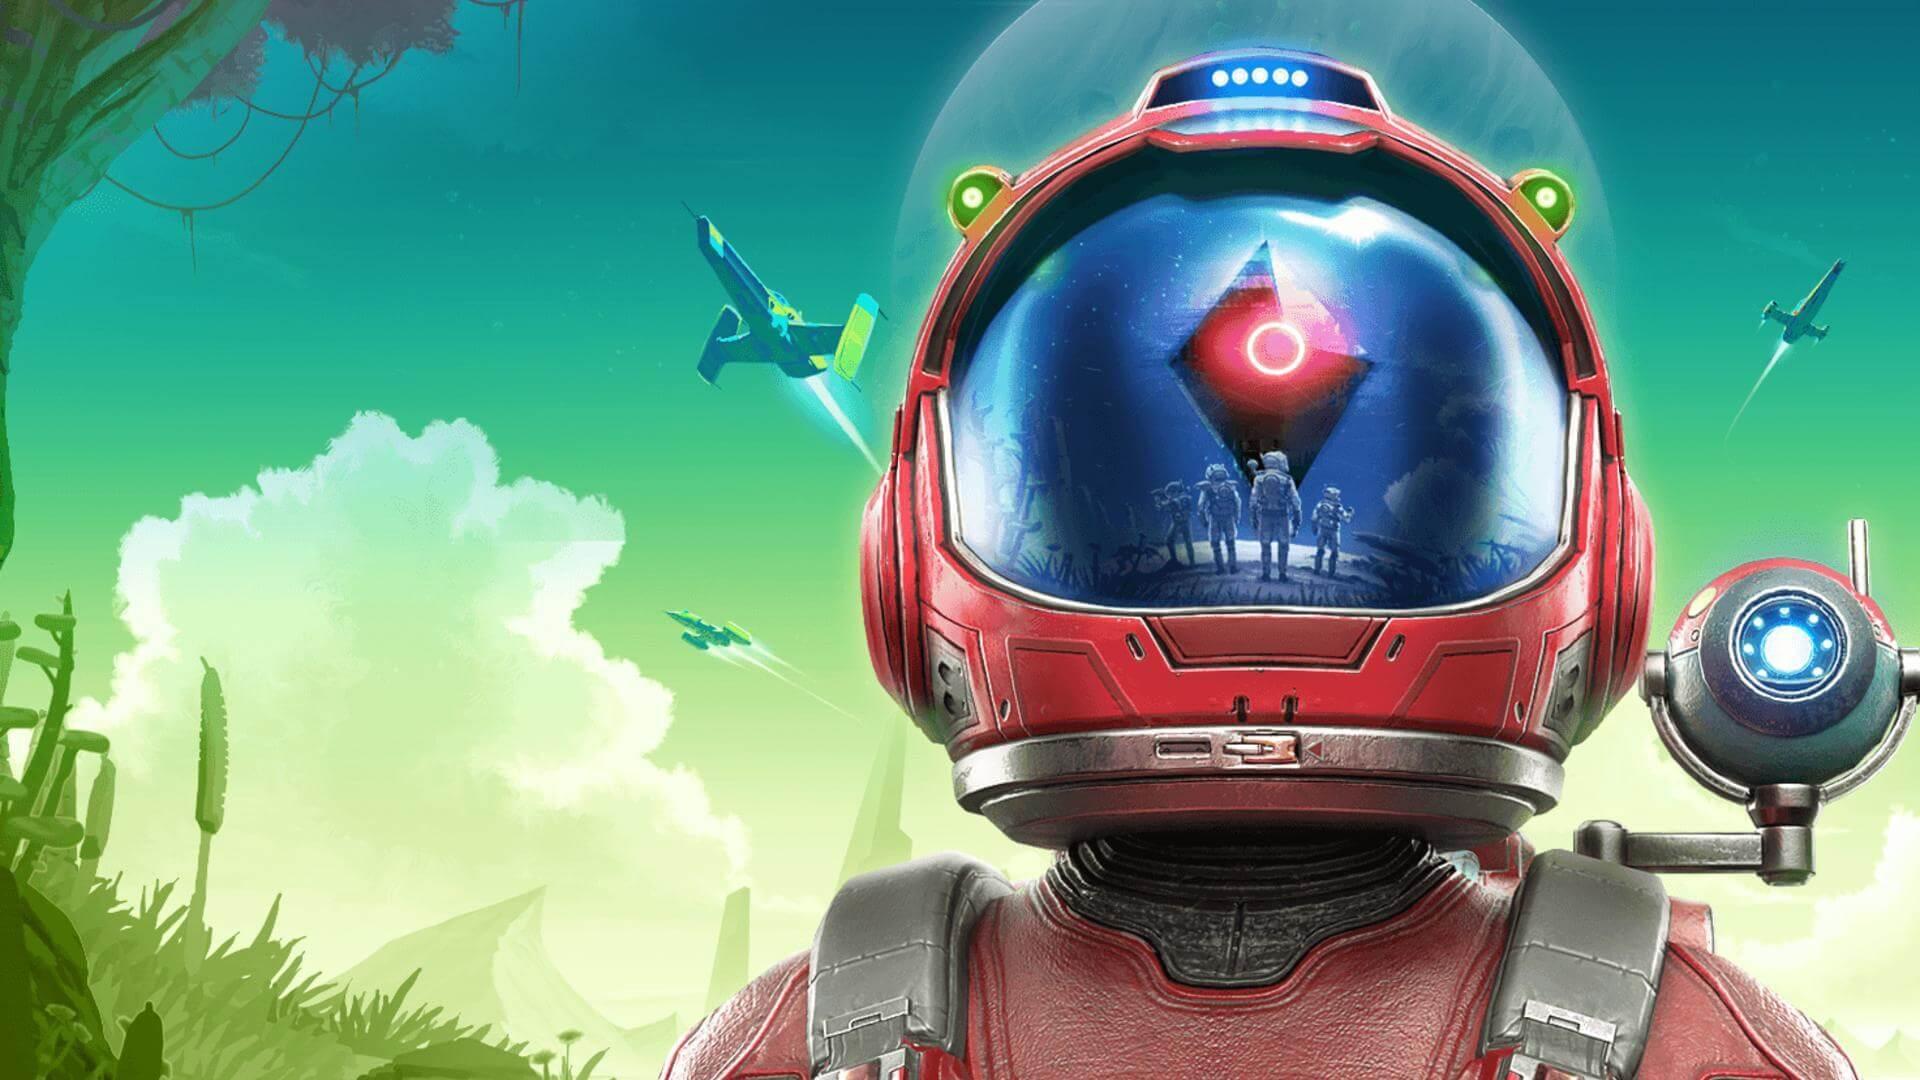 Primeiros mods lançados para No Man's Sky Beyond;  grama, efeitos, debaixo d'água ...